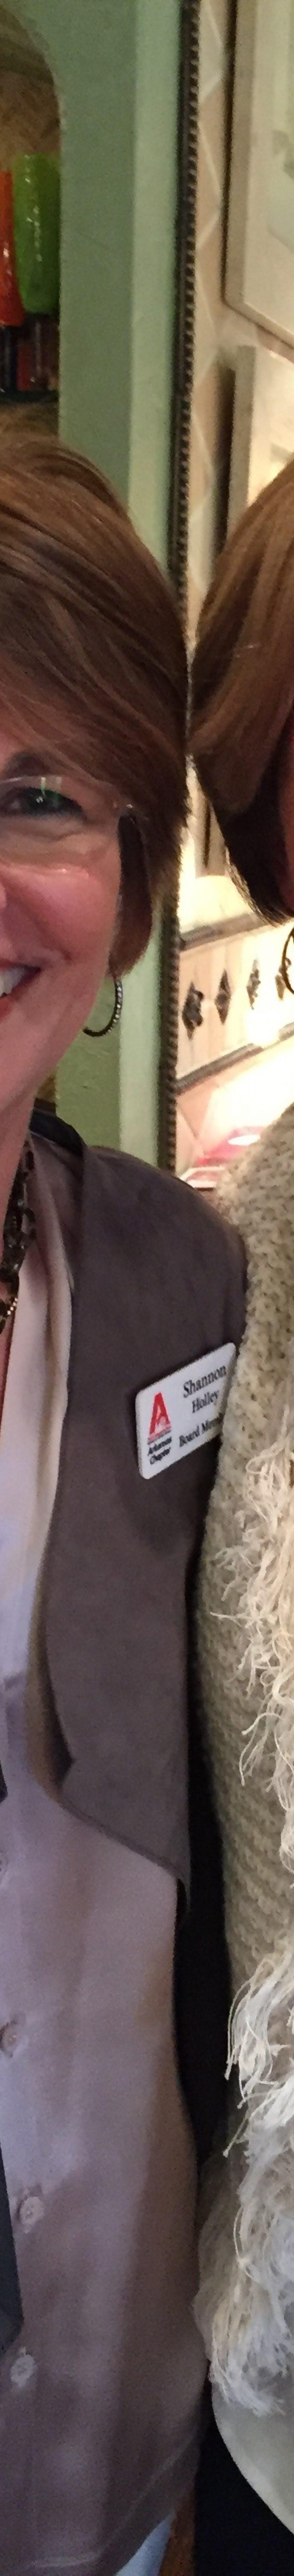 ALS Sponsor Appreciation Reception